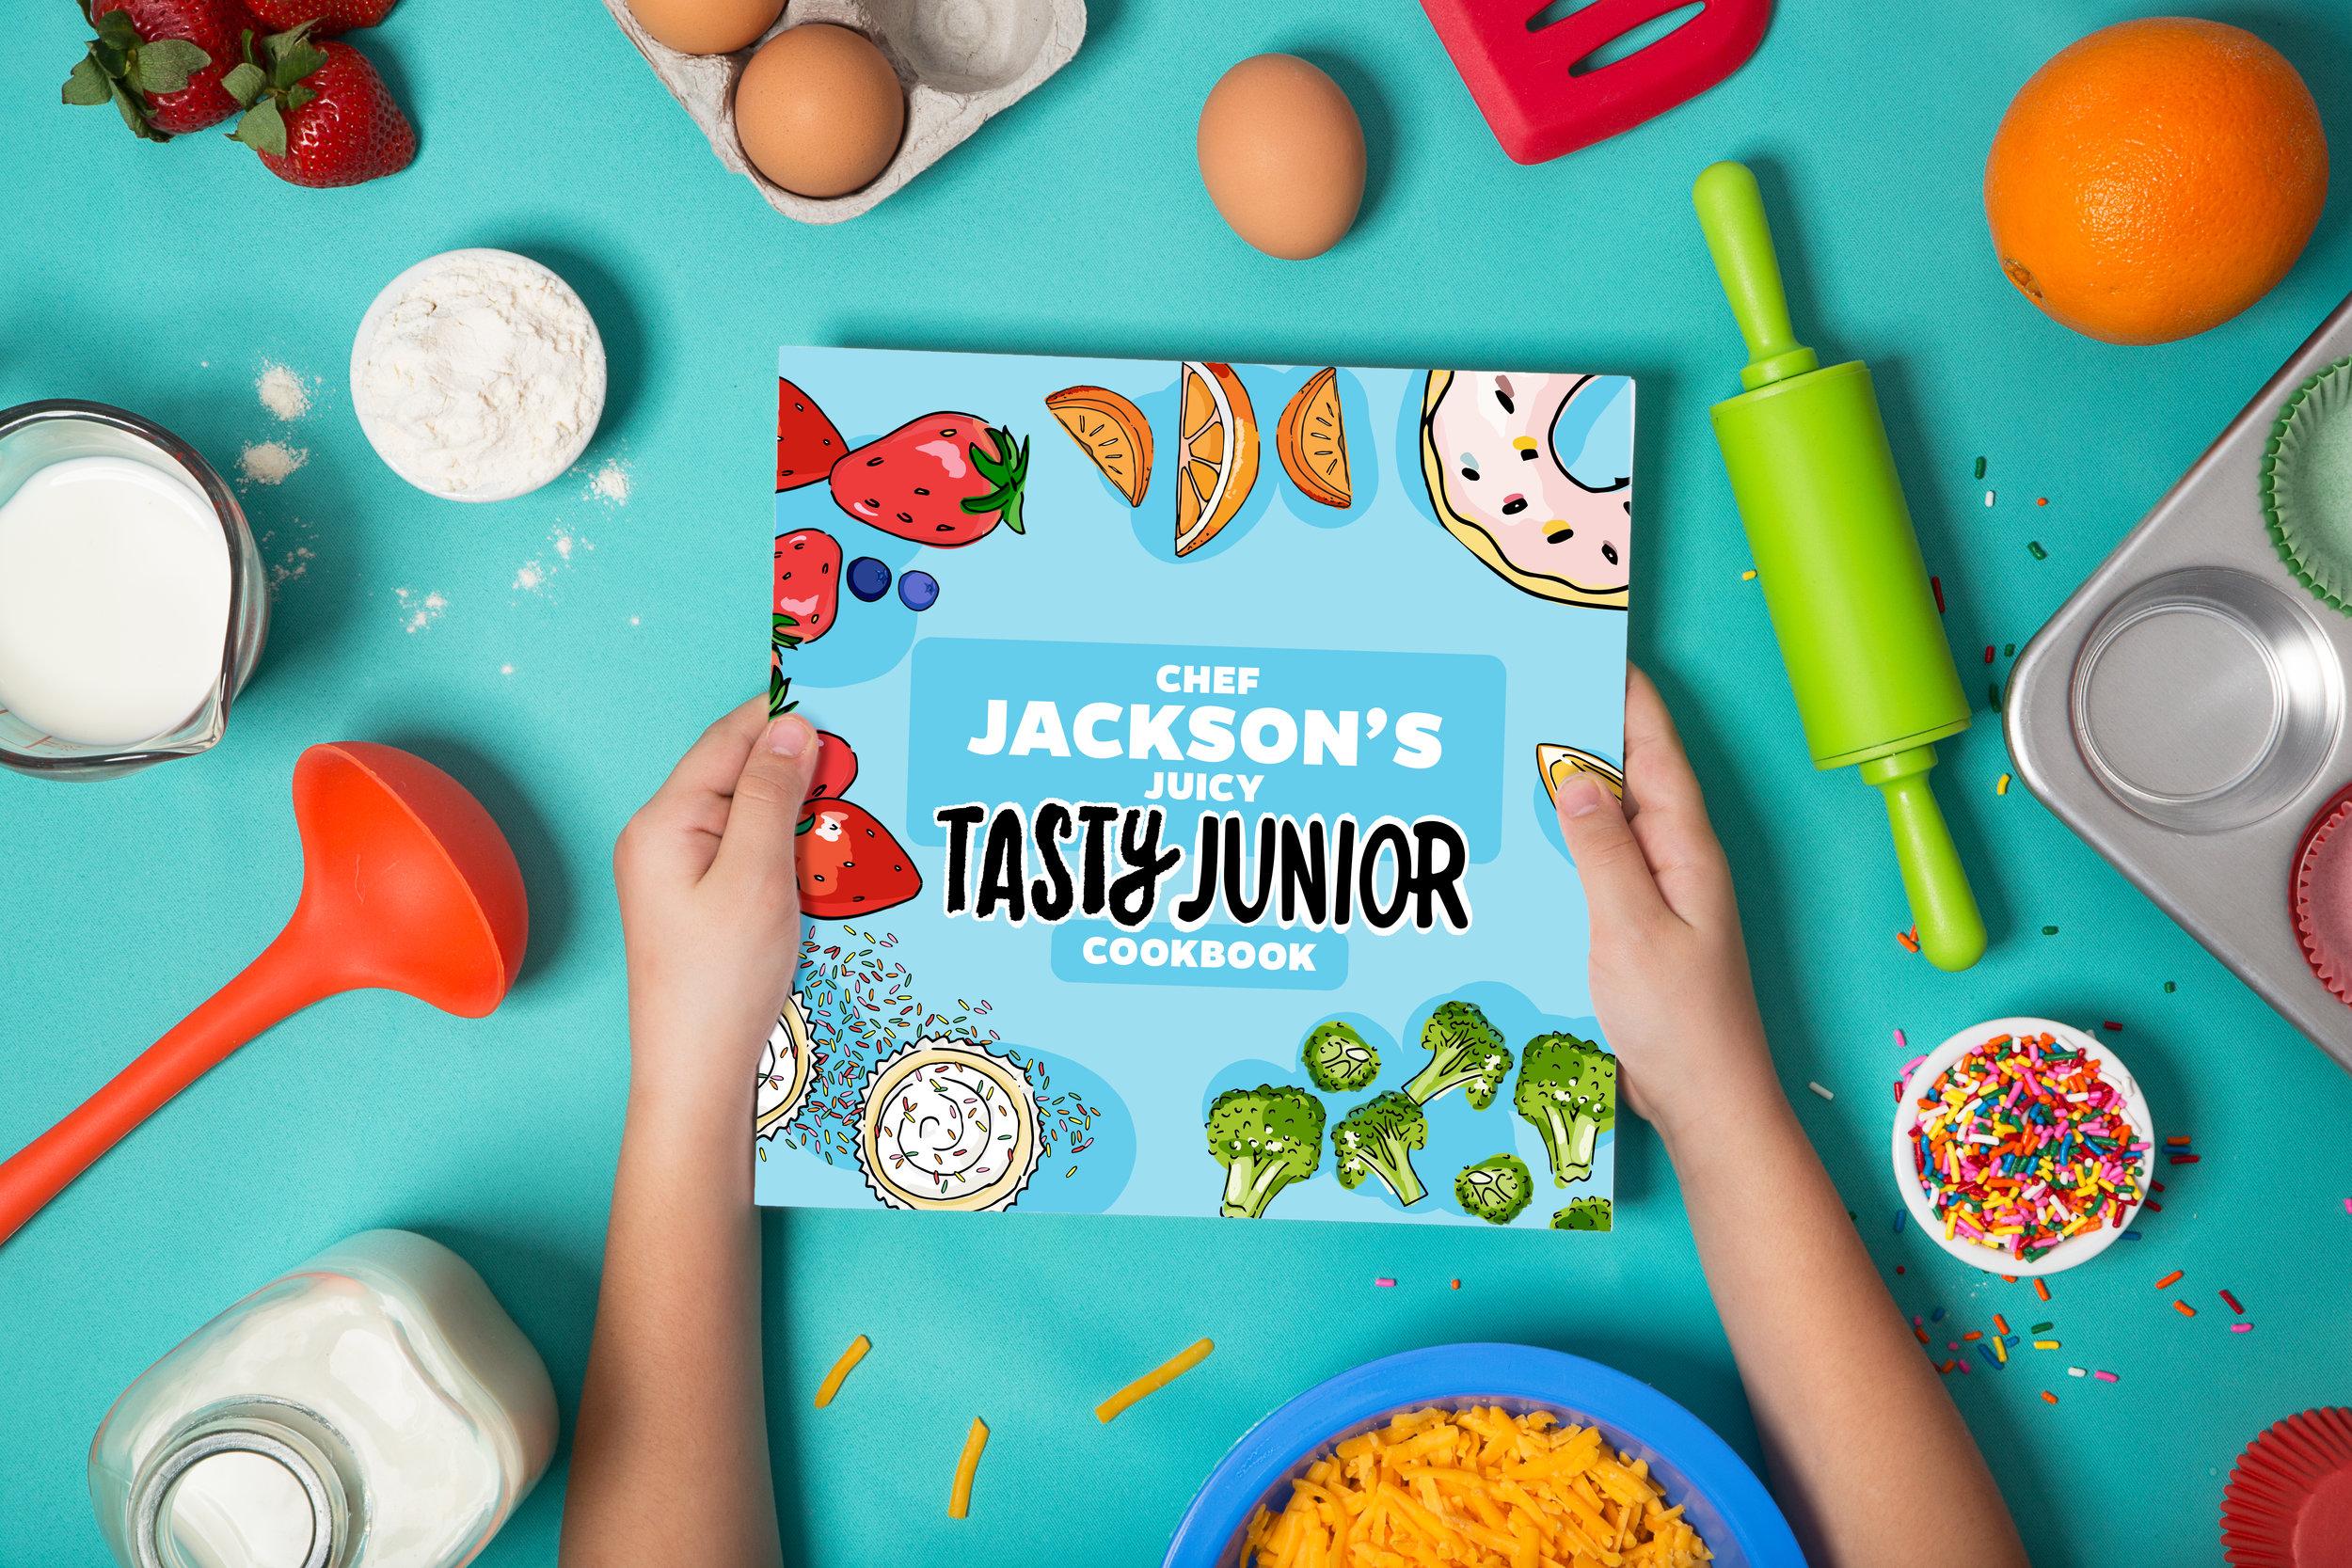 Tasty_Junior--18.jpg